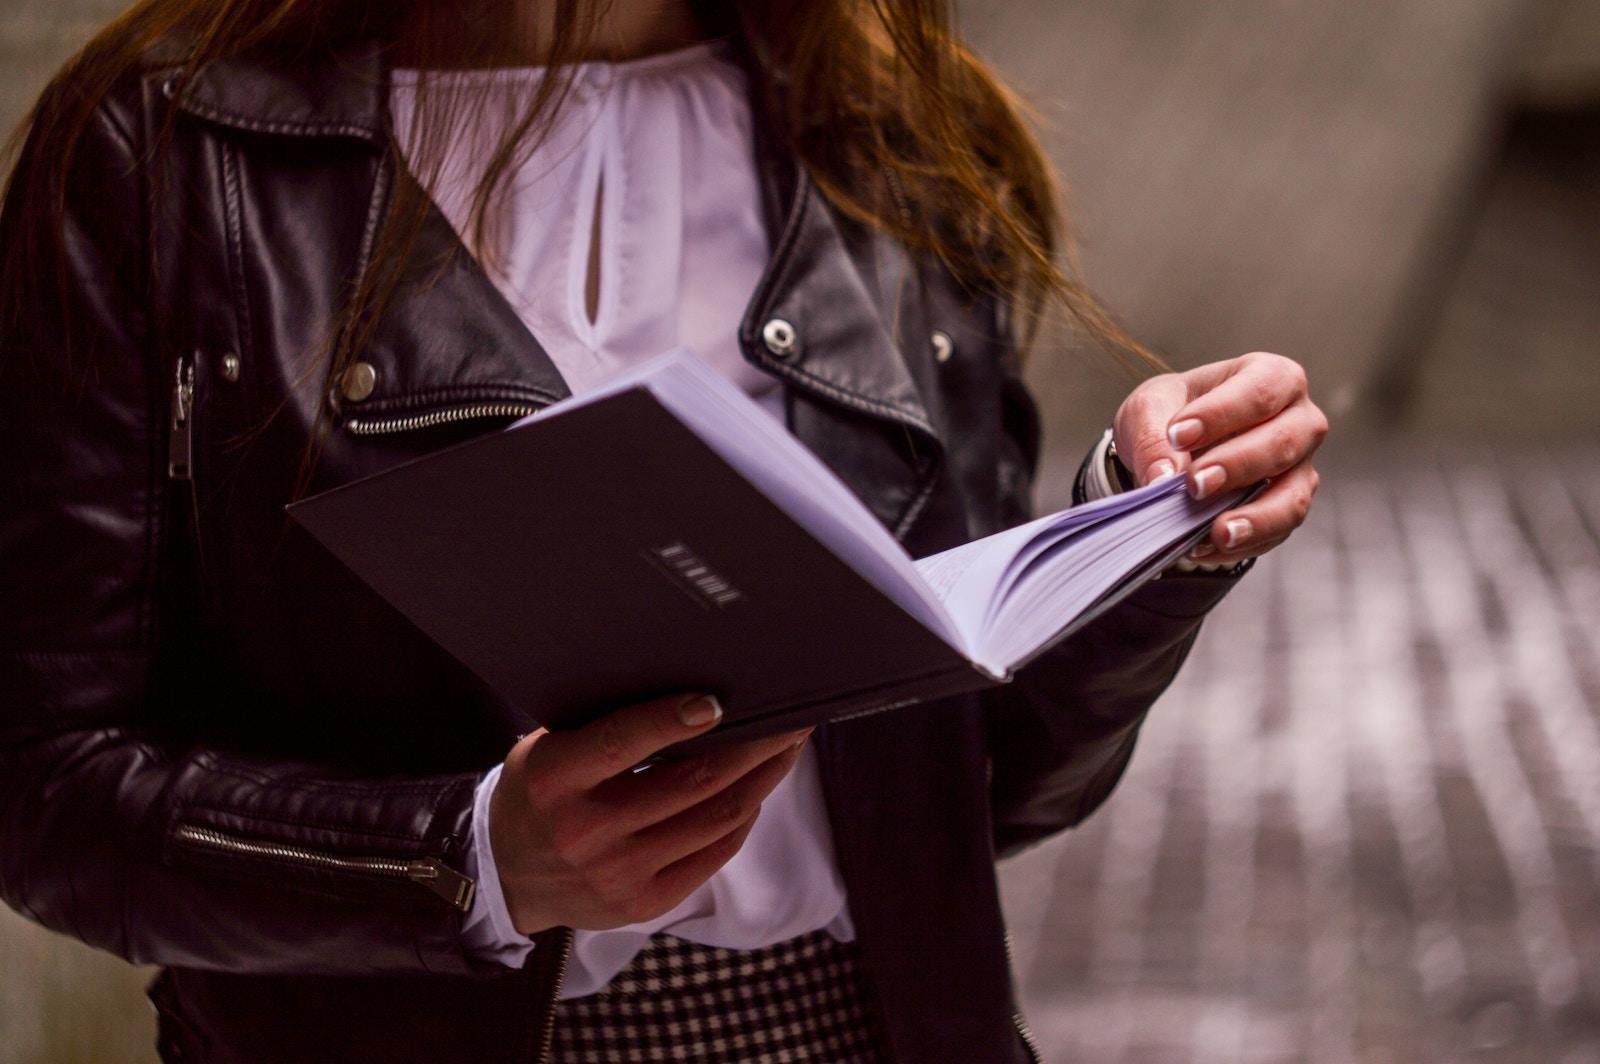 17 knyg, jaki radjať čytaty ukraїnśki urjadovci